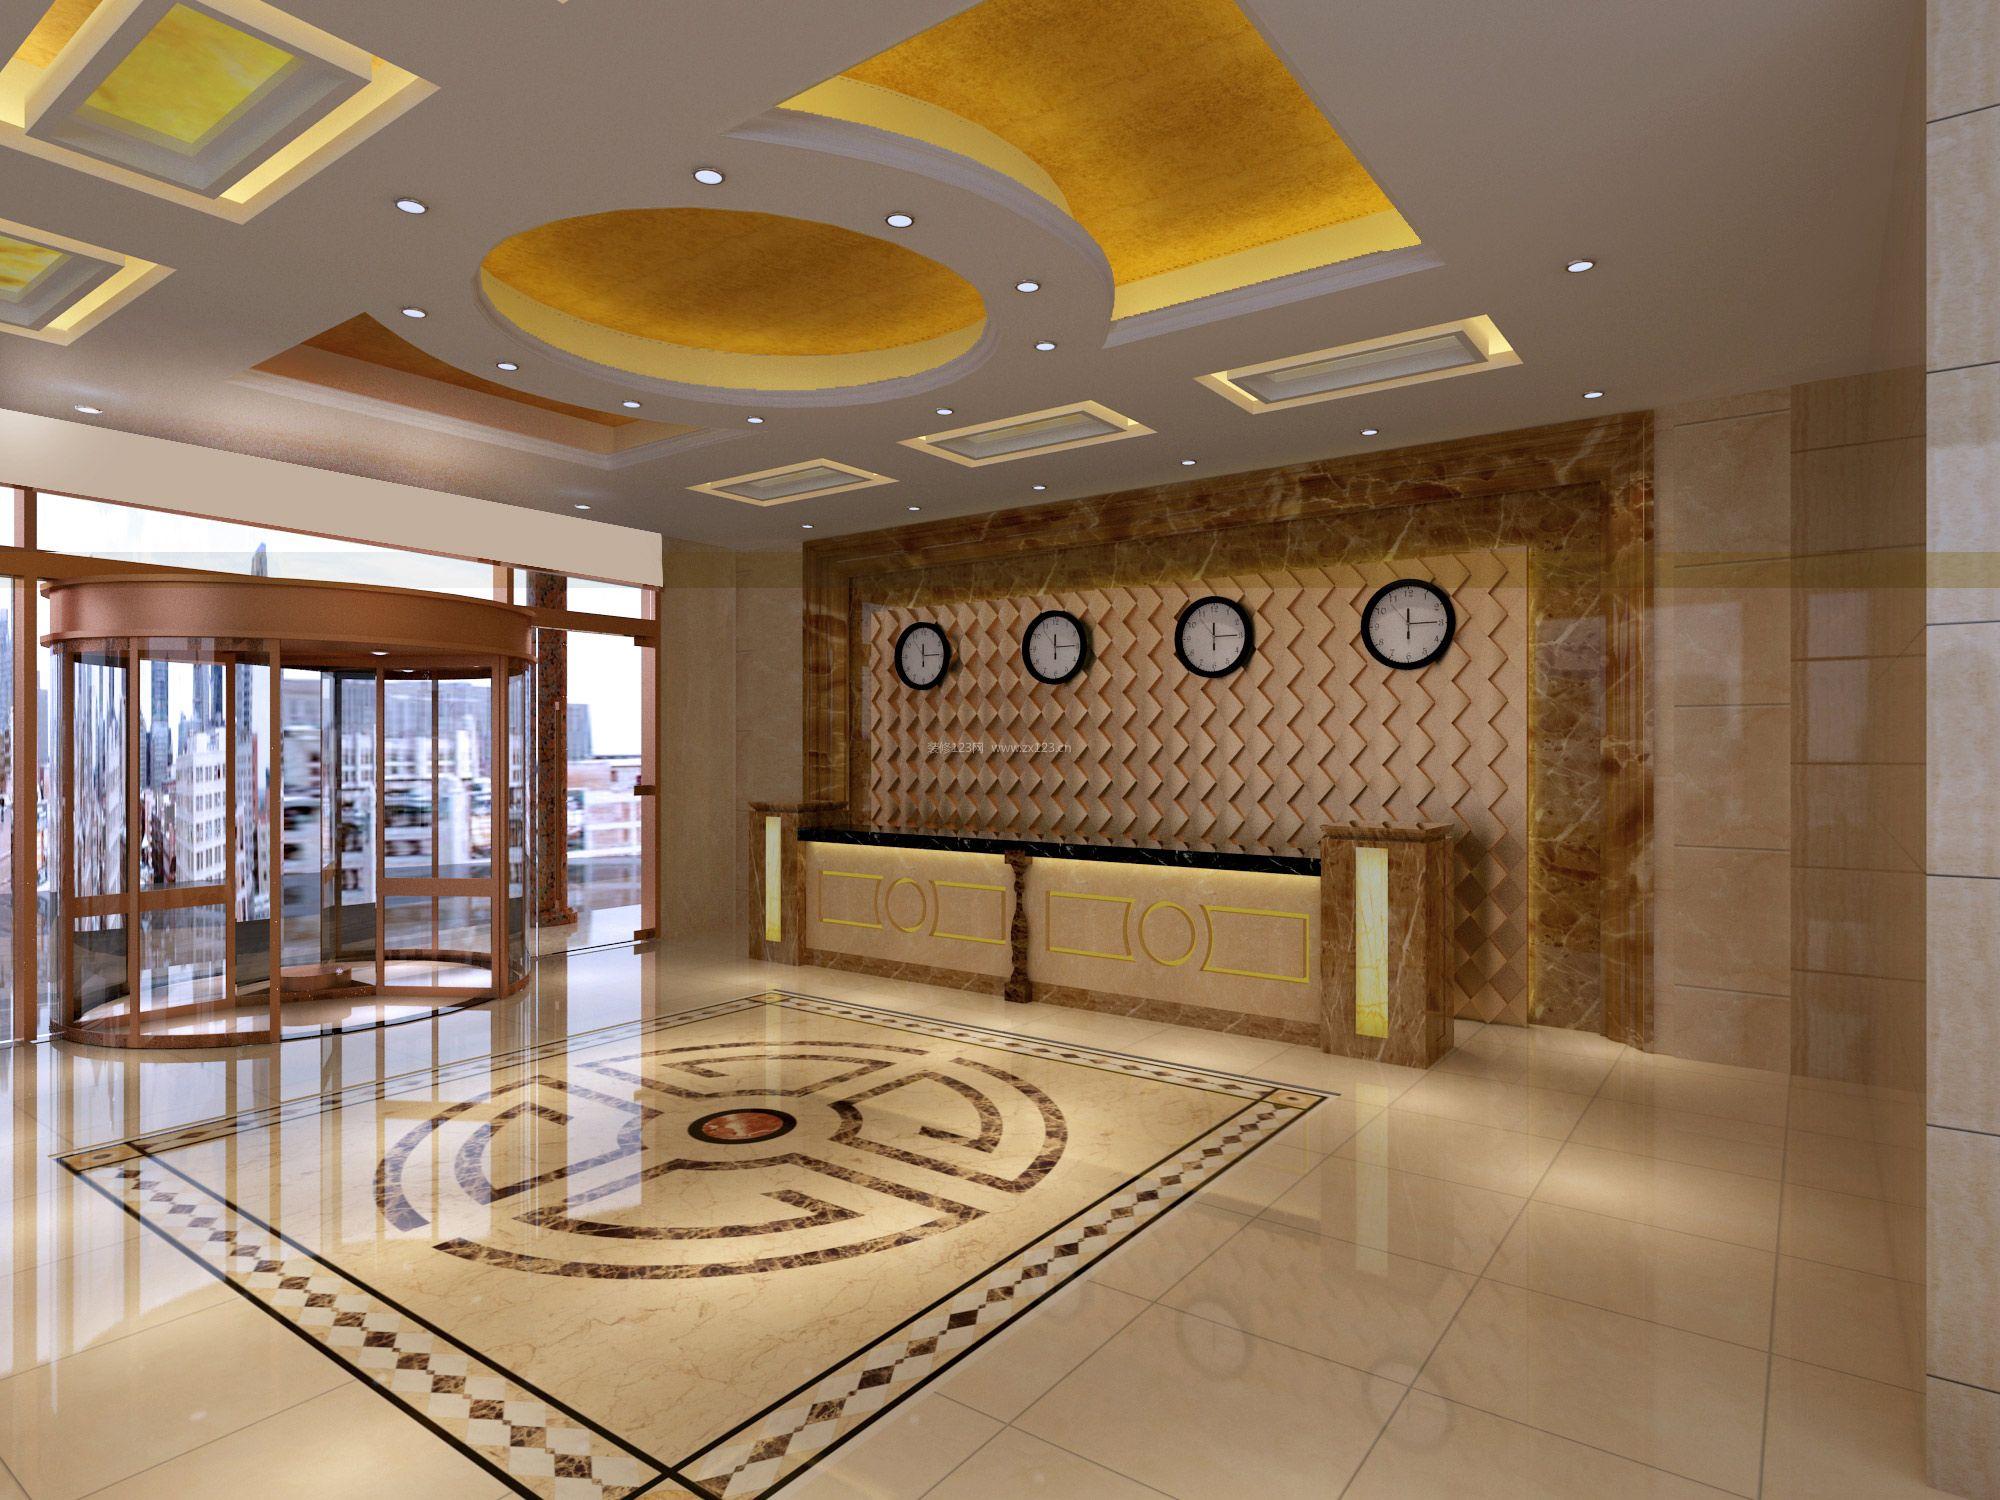 商务宾馆门脸前台背景墙装修效果图